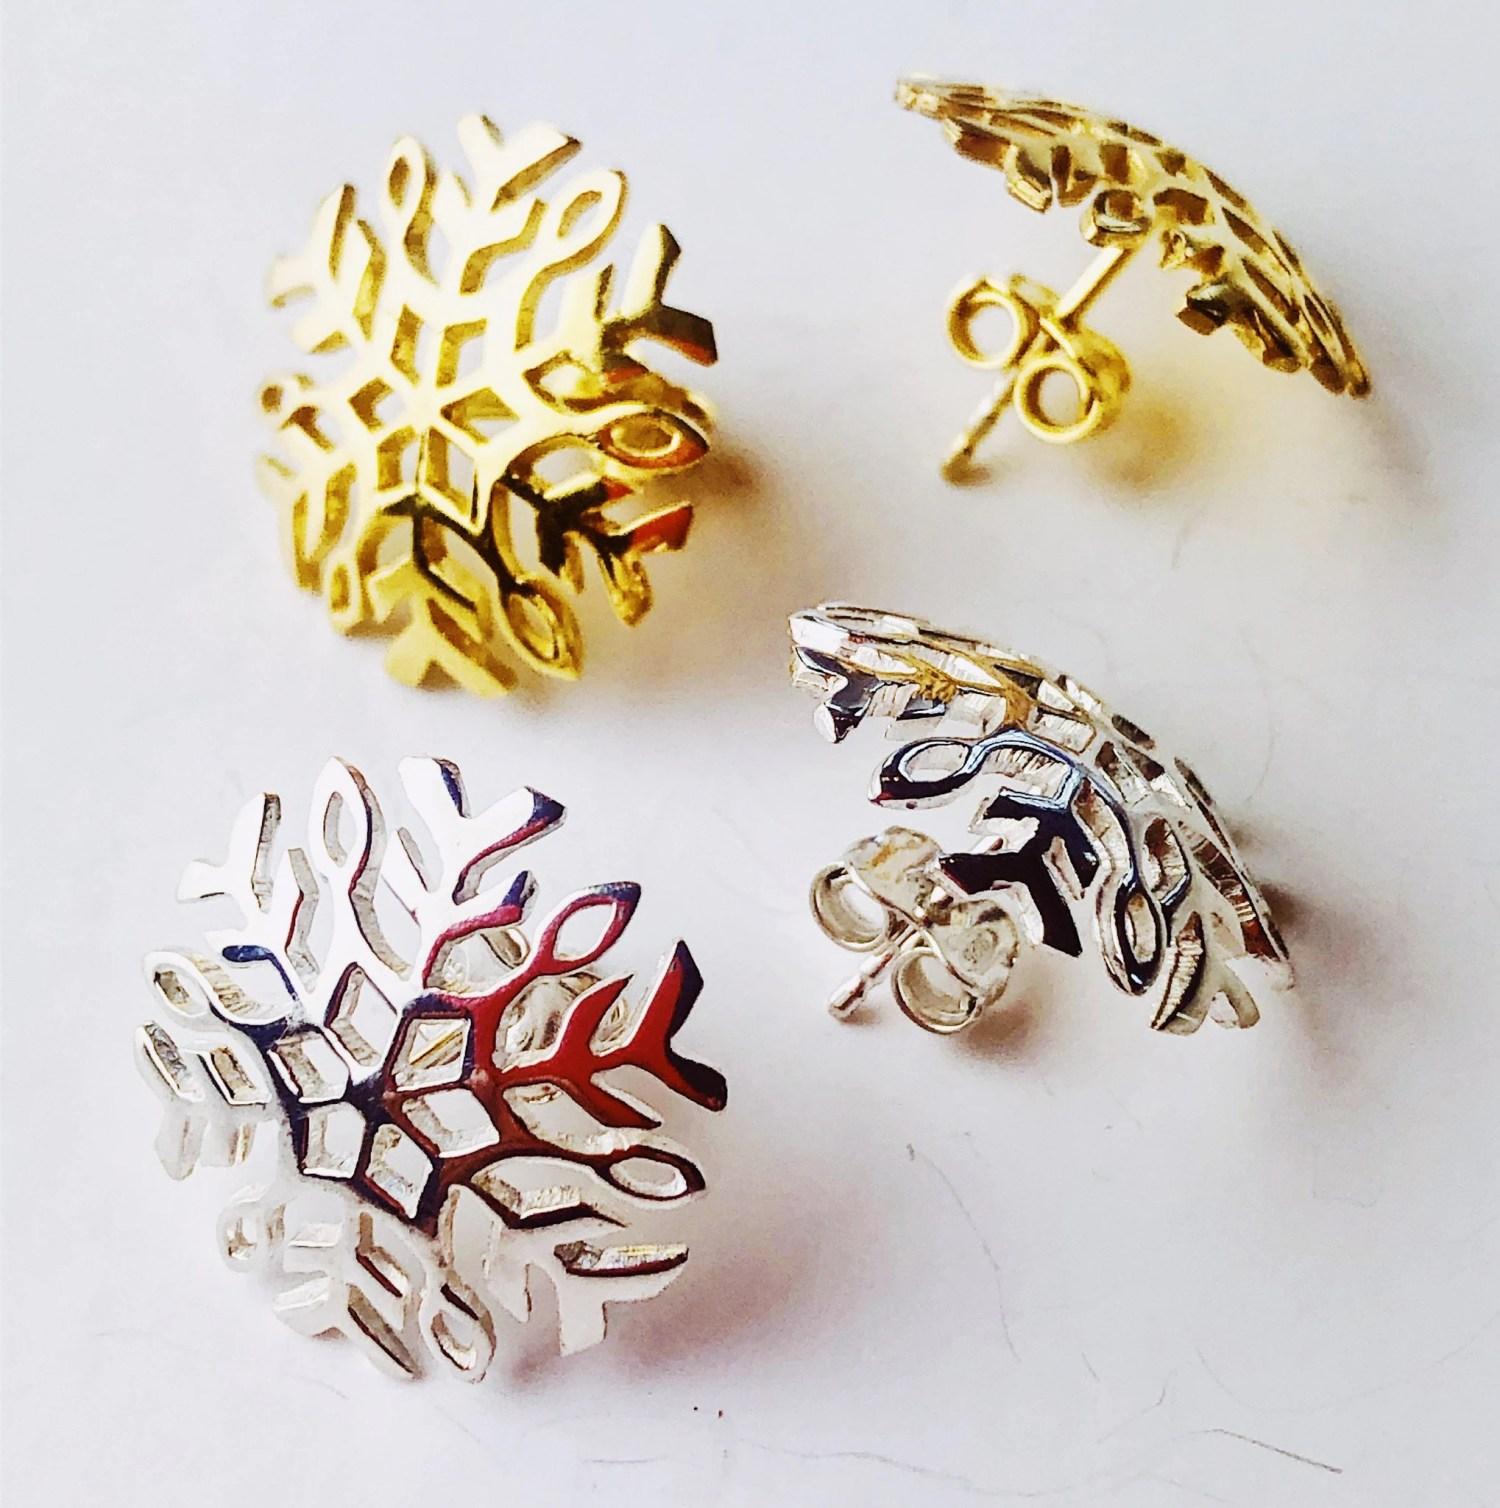 Boucles d'oreille en argent, flocon de neige en argent, bijou d'hiver, souvenir de noel, bijou du nord, reine des neiges.